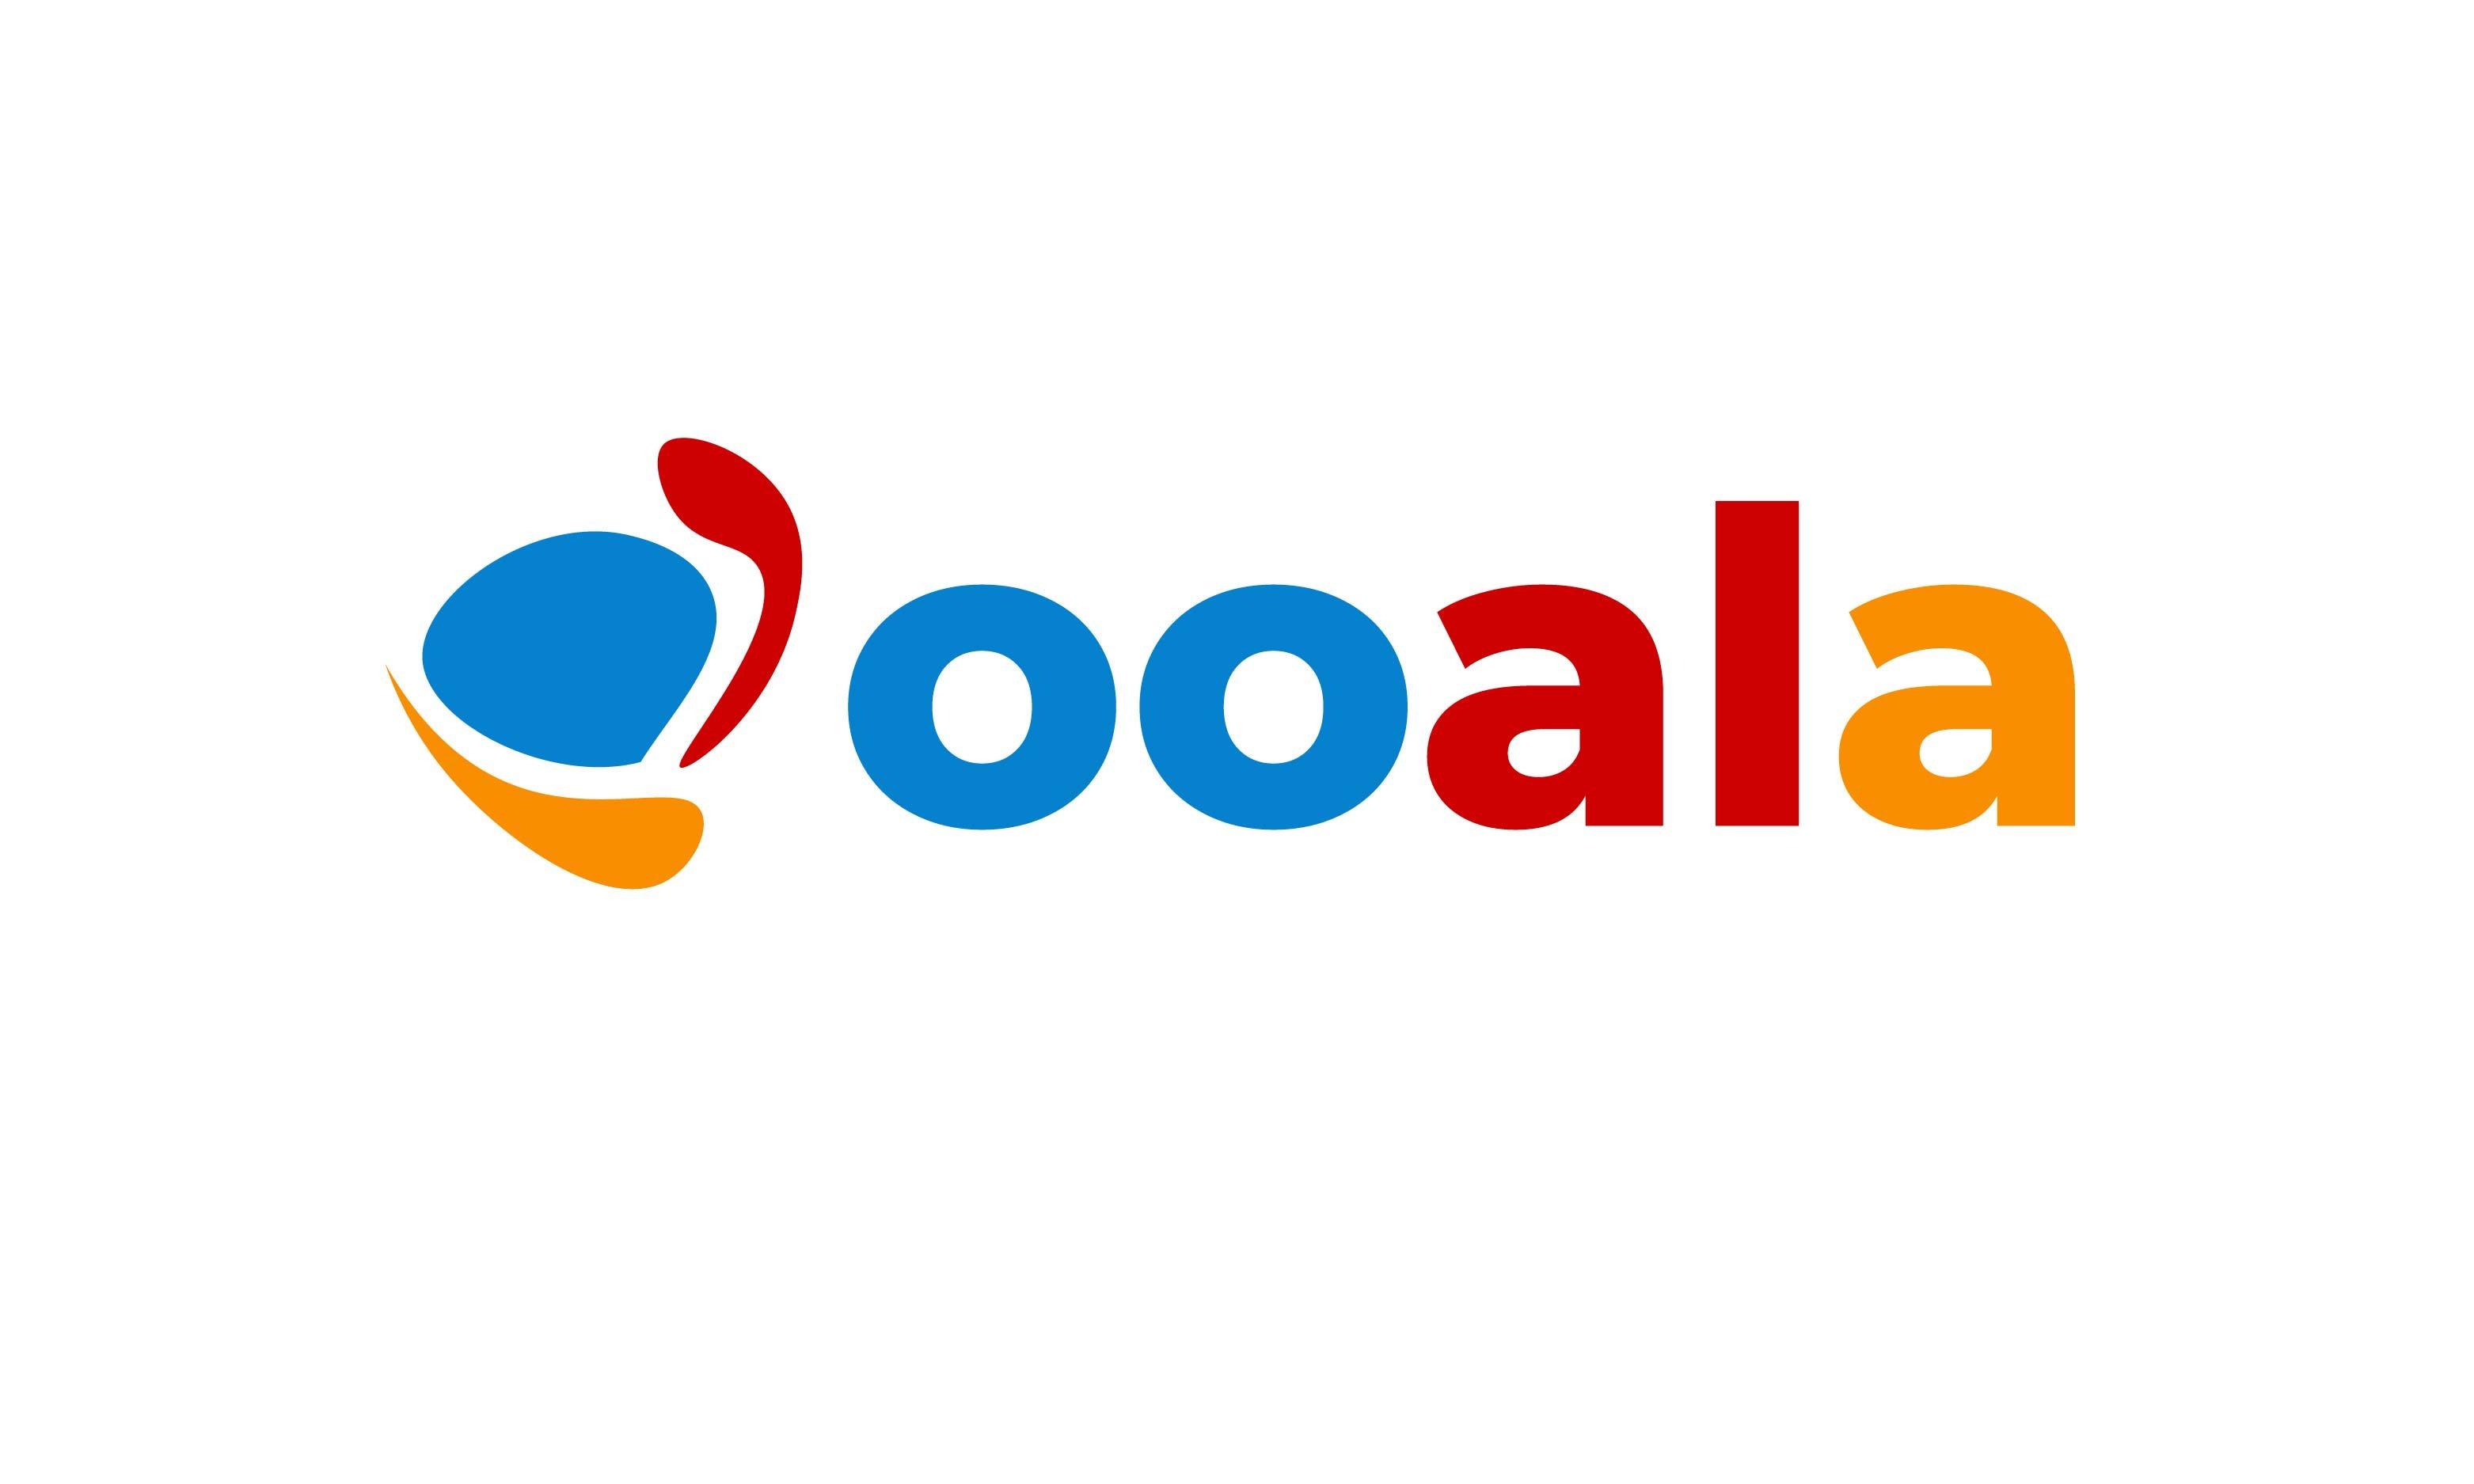 ooala.com